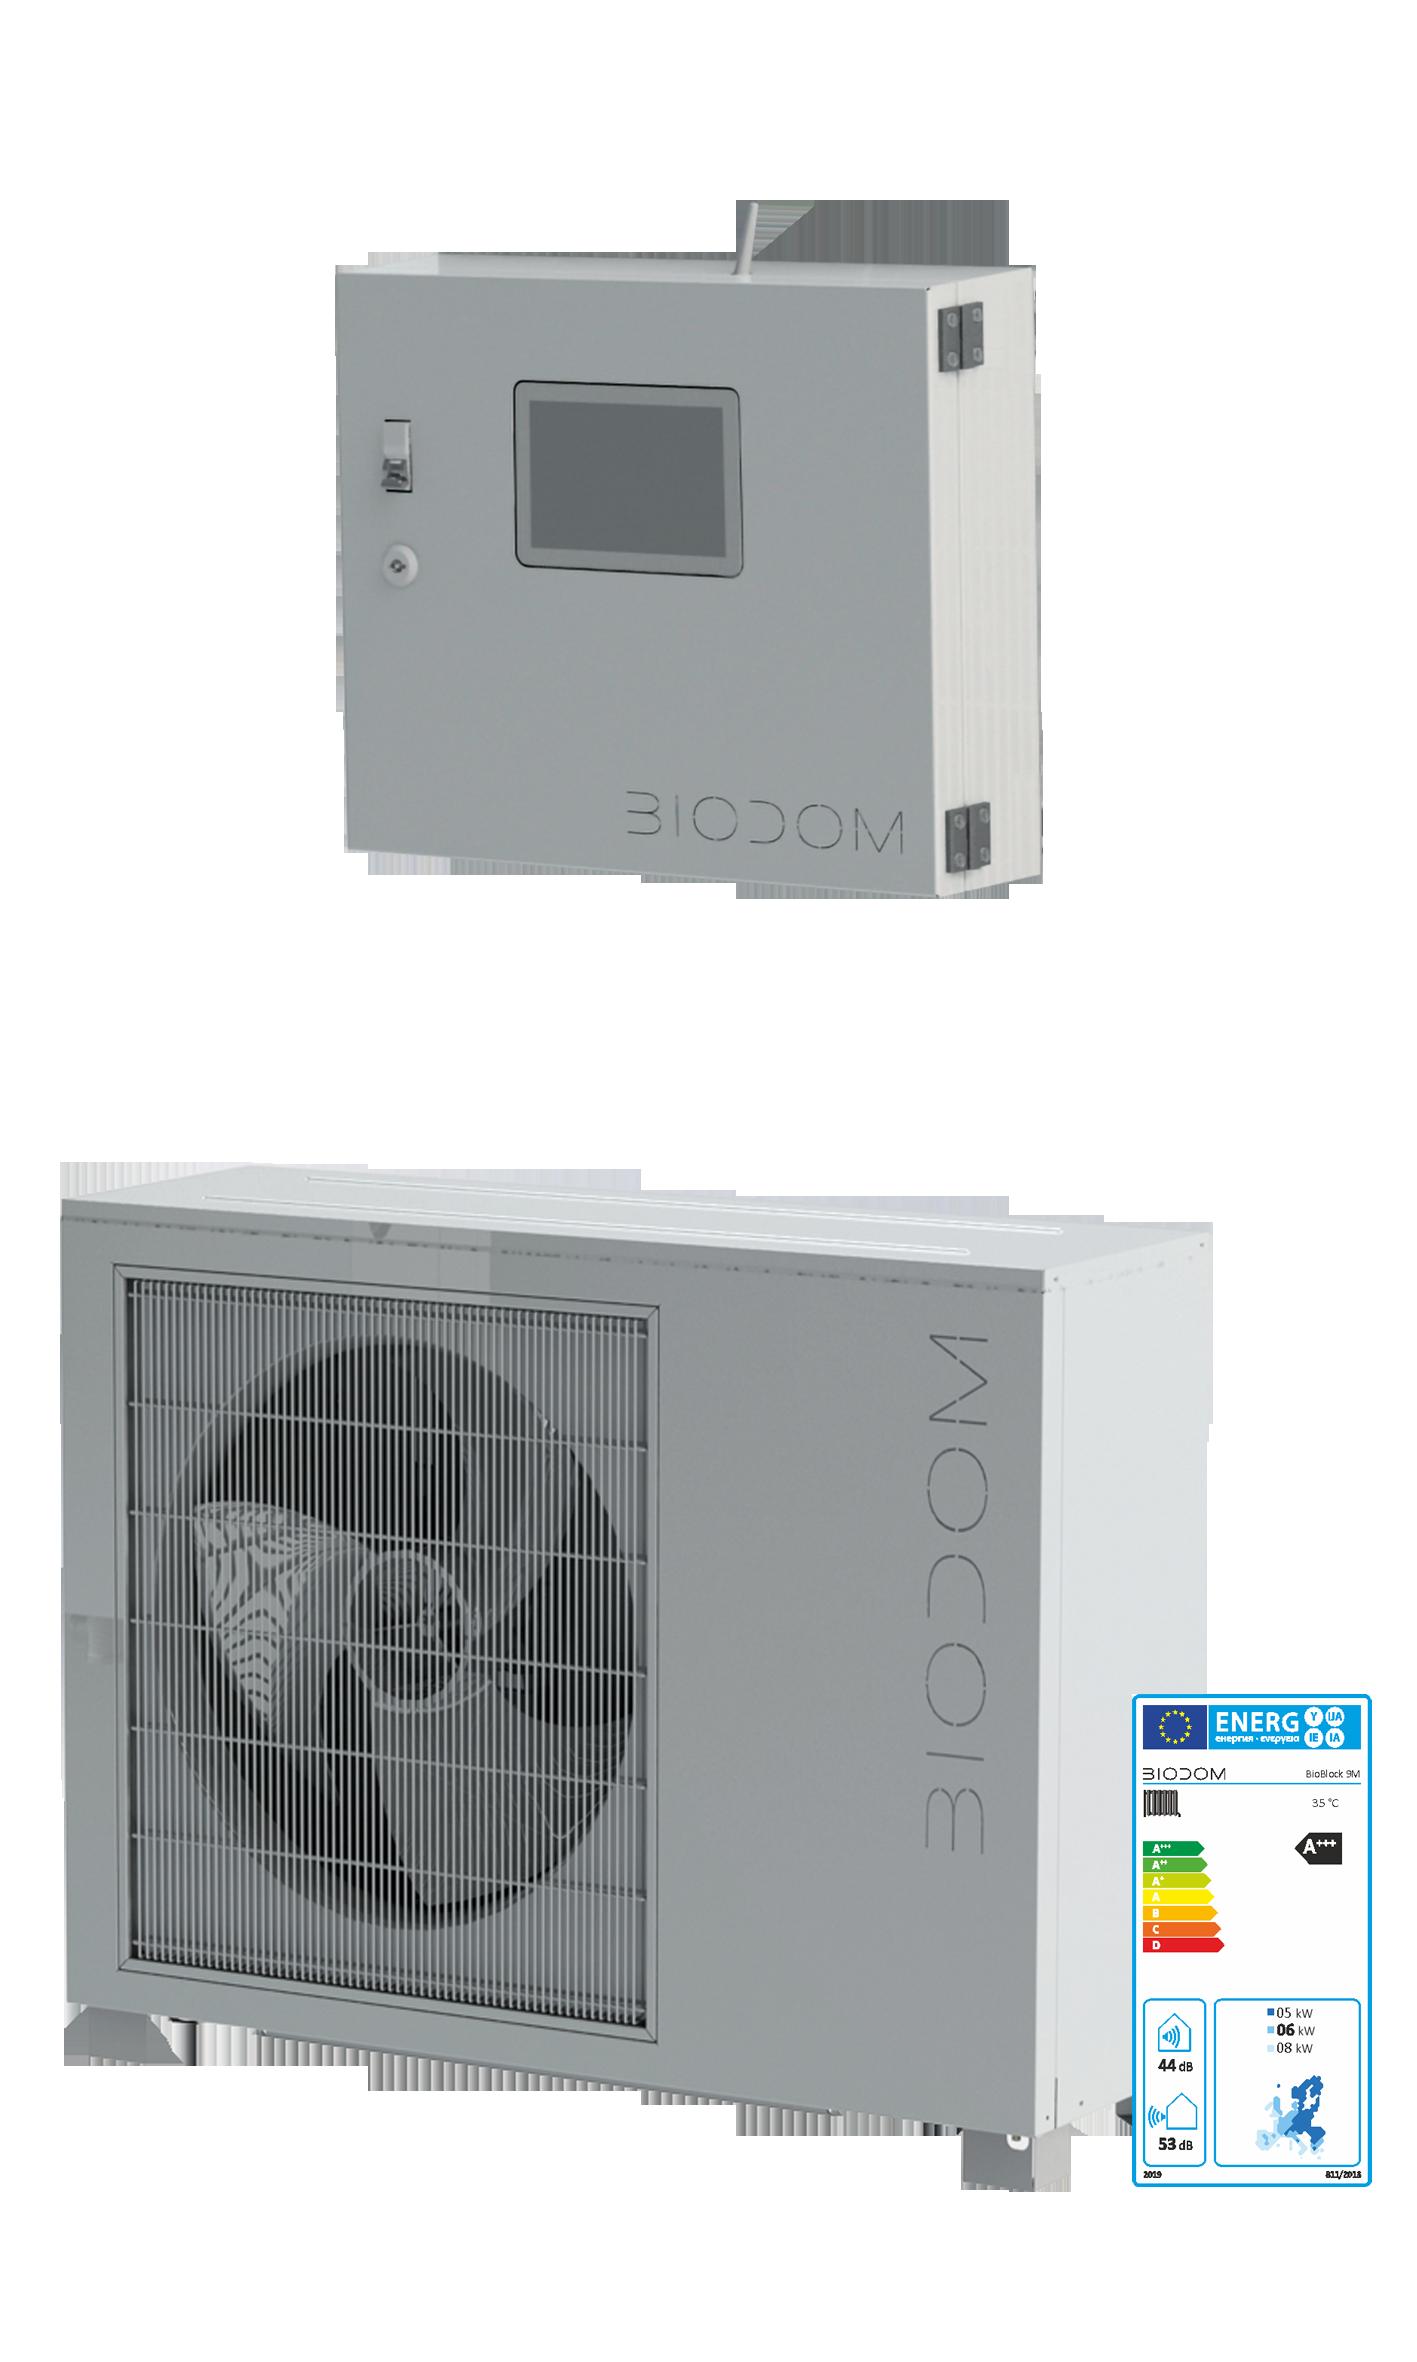 Biodom warmtepomp met IQ2 controller